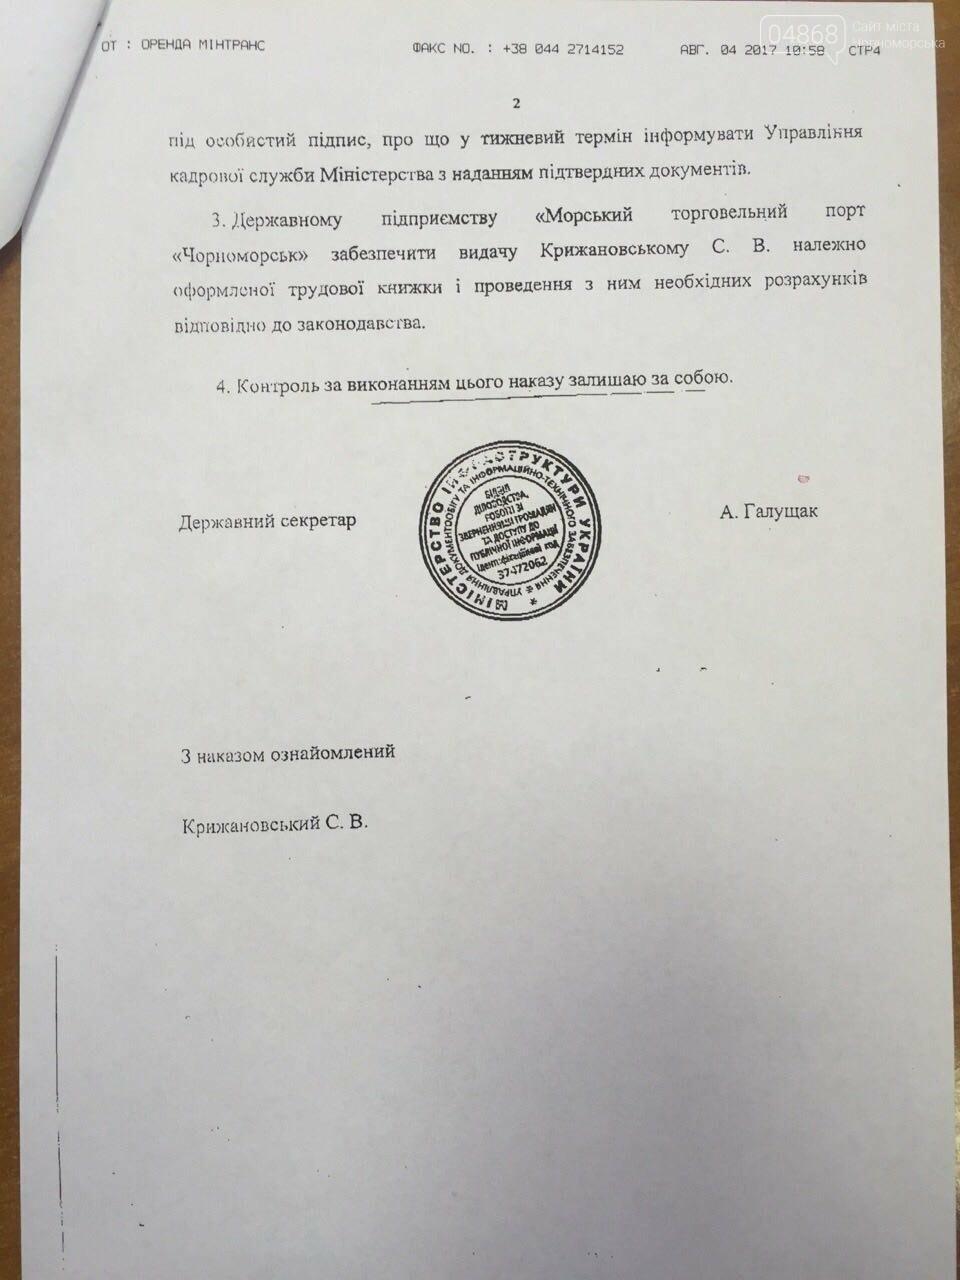 Дело Черноморского порта: бывший директор, подозреваемый НАБУ в воровстве, судится за возвращение на работу , фото-3